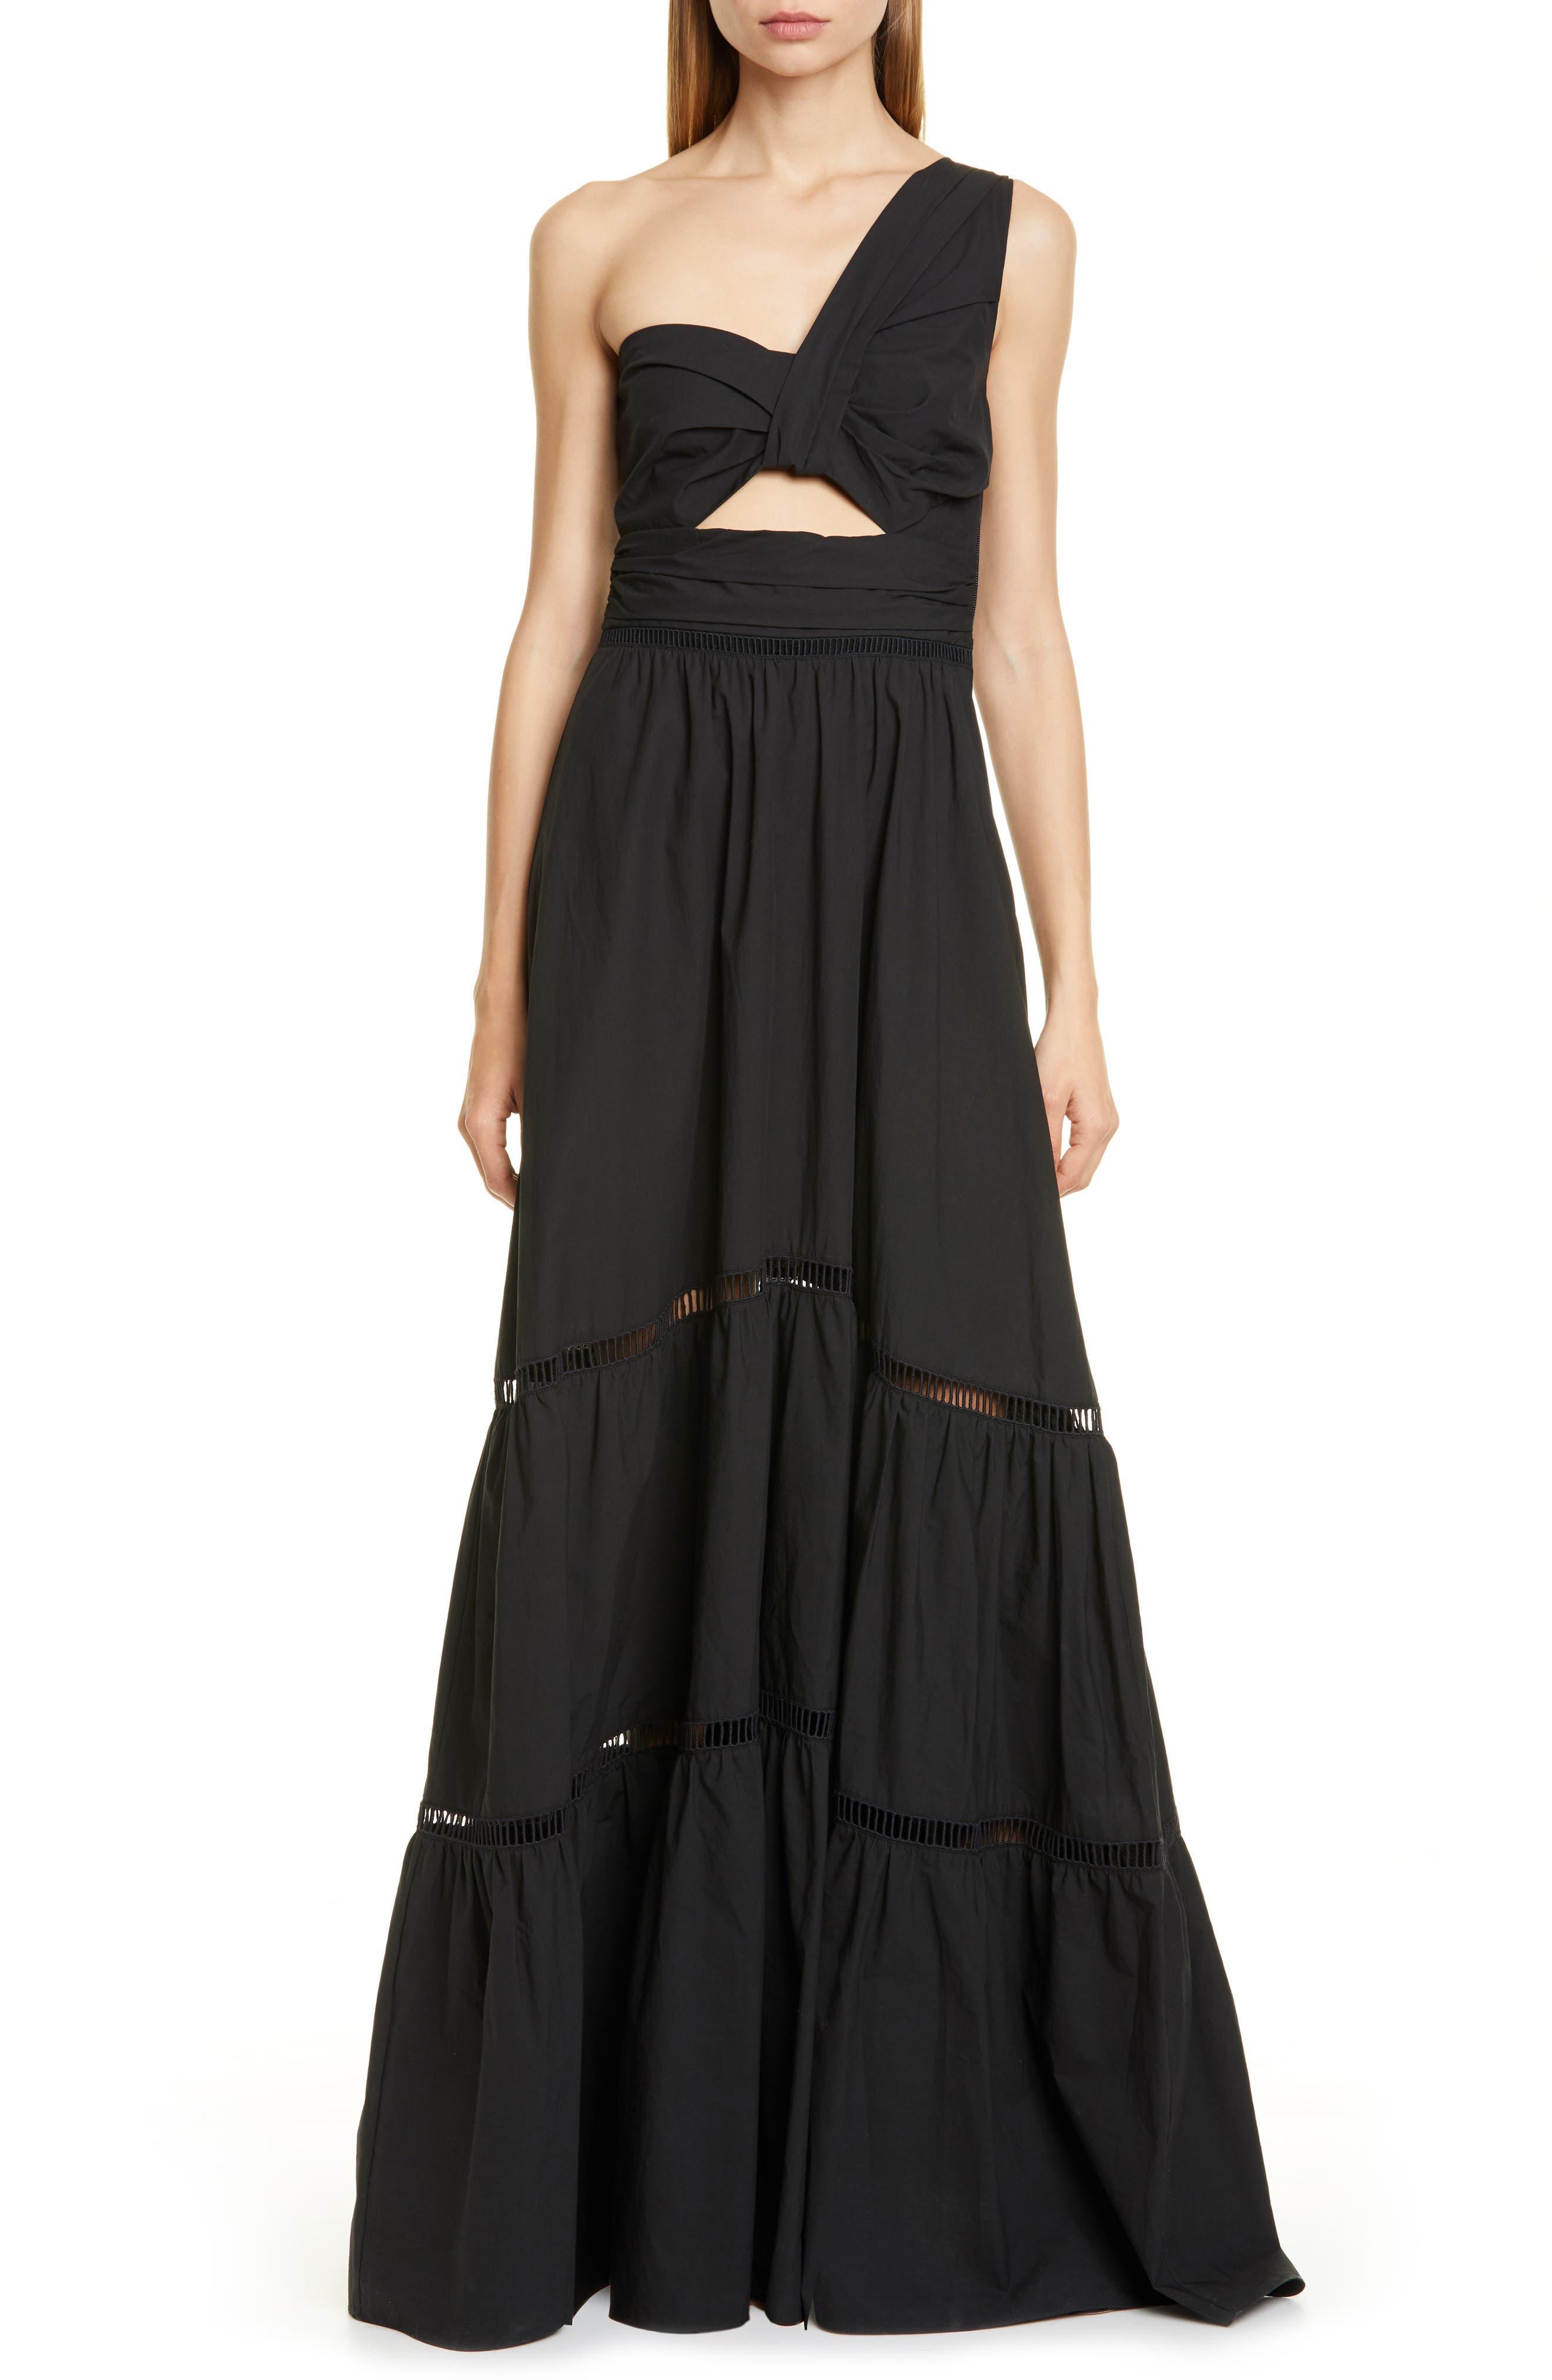 A.l.c. Piper One-Shoulder Maxi Dress, Black